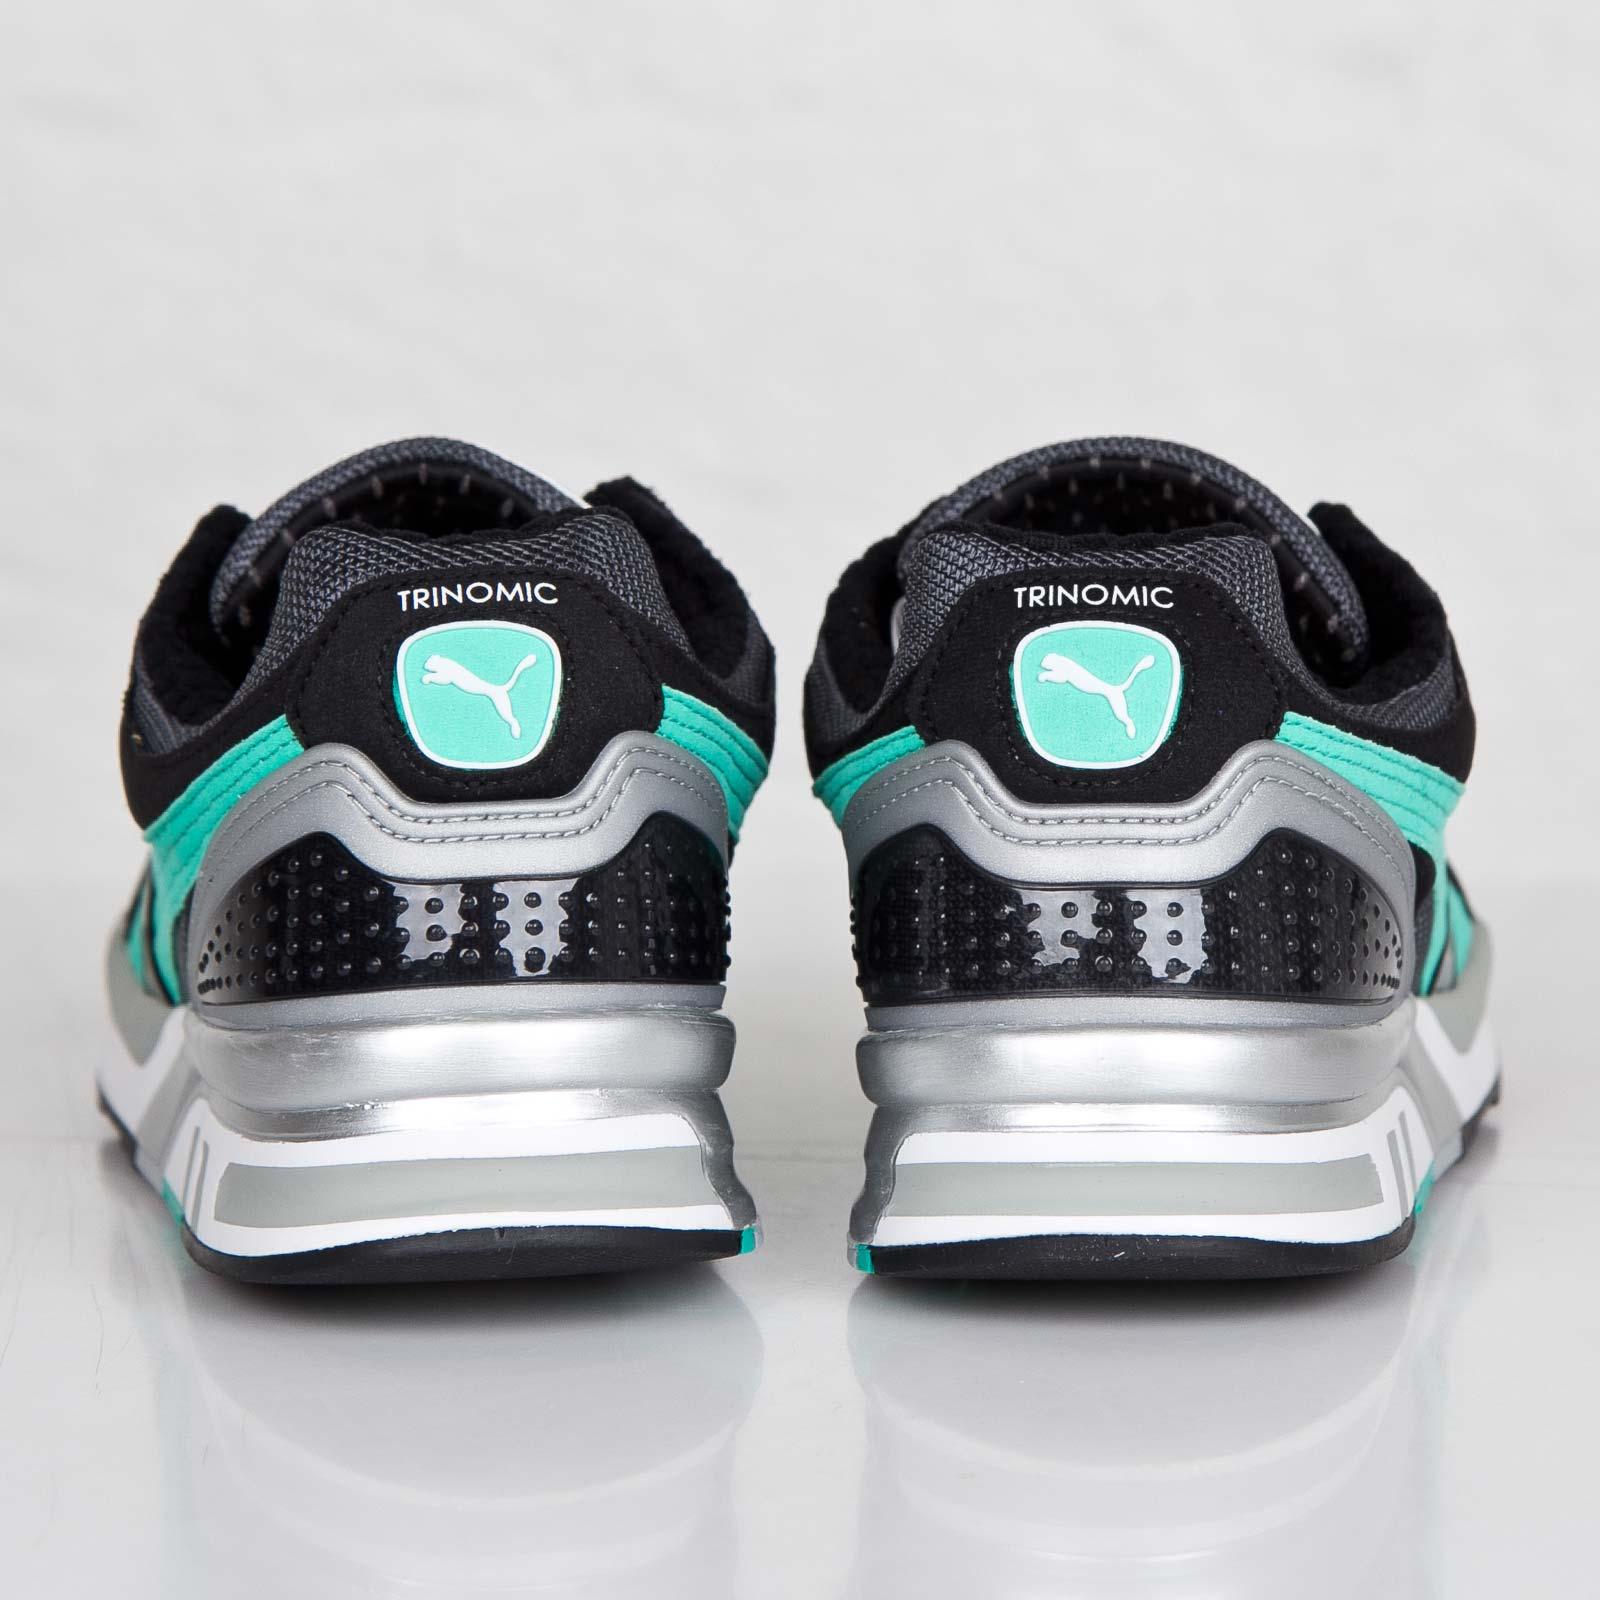 brand new 775ef e88db Puma Trinomic XT2 Plus - 355868-13 - Sneakersnstuff   sneakers   streetwear  online since 1999